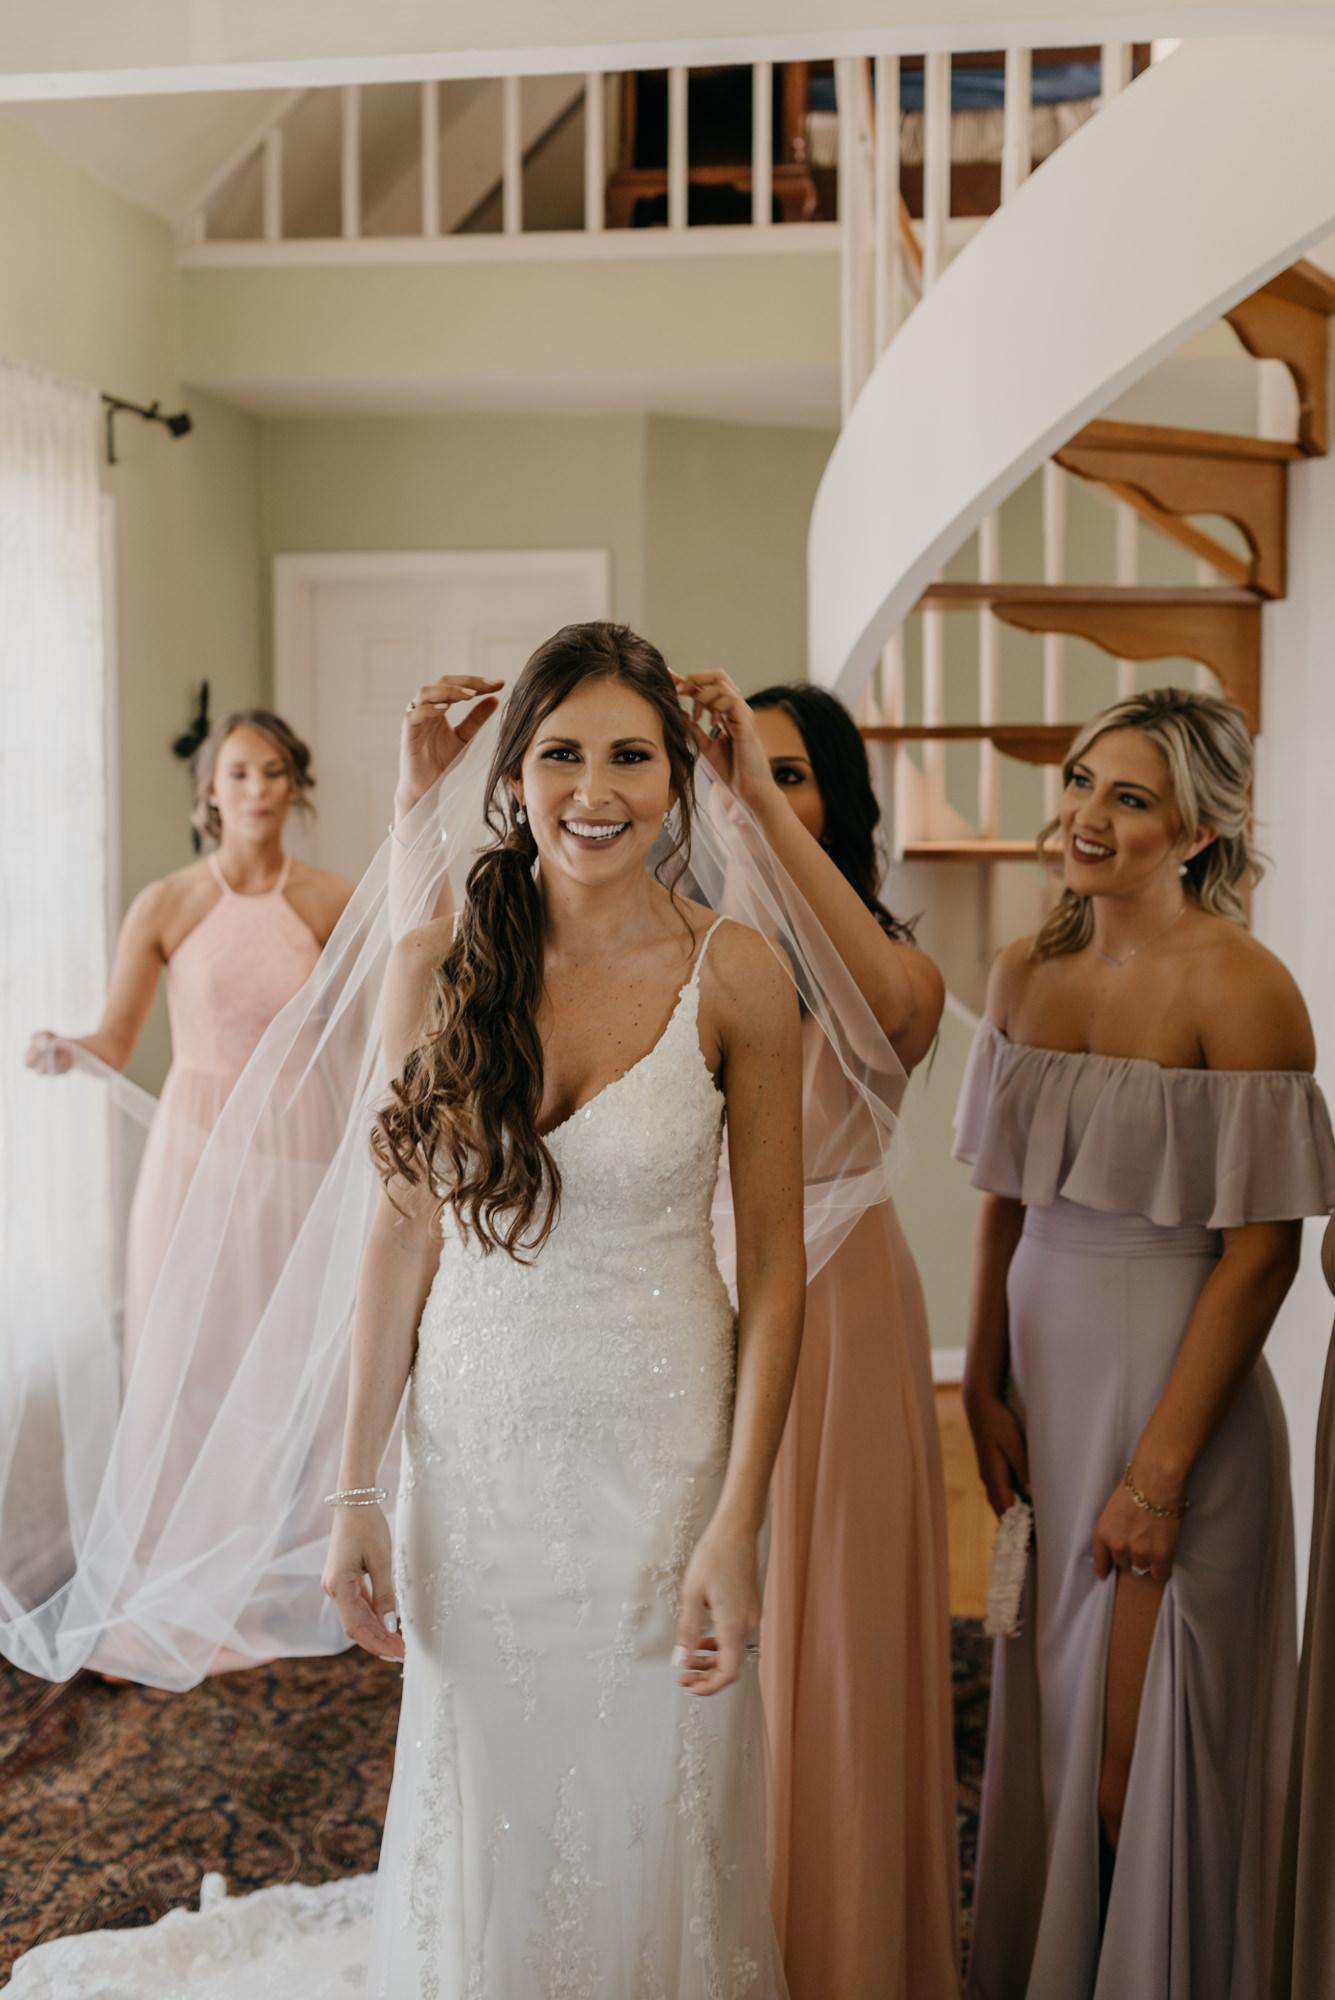 28-Getting-Ready-barn-kestrel-wedding-photos-grey-suit.jpg